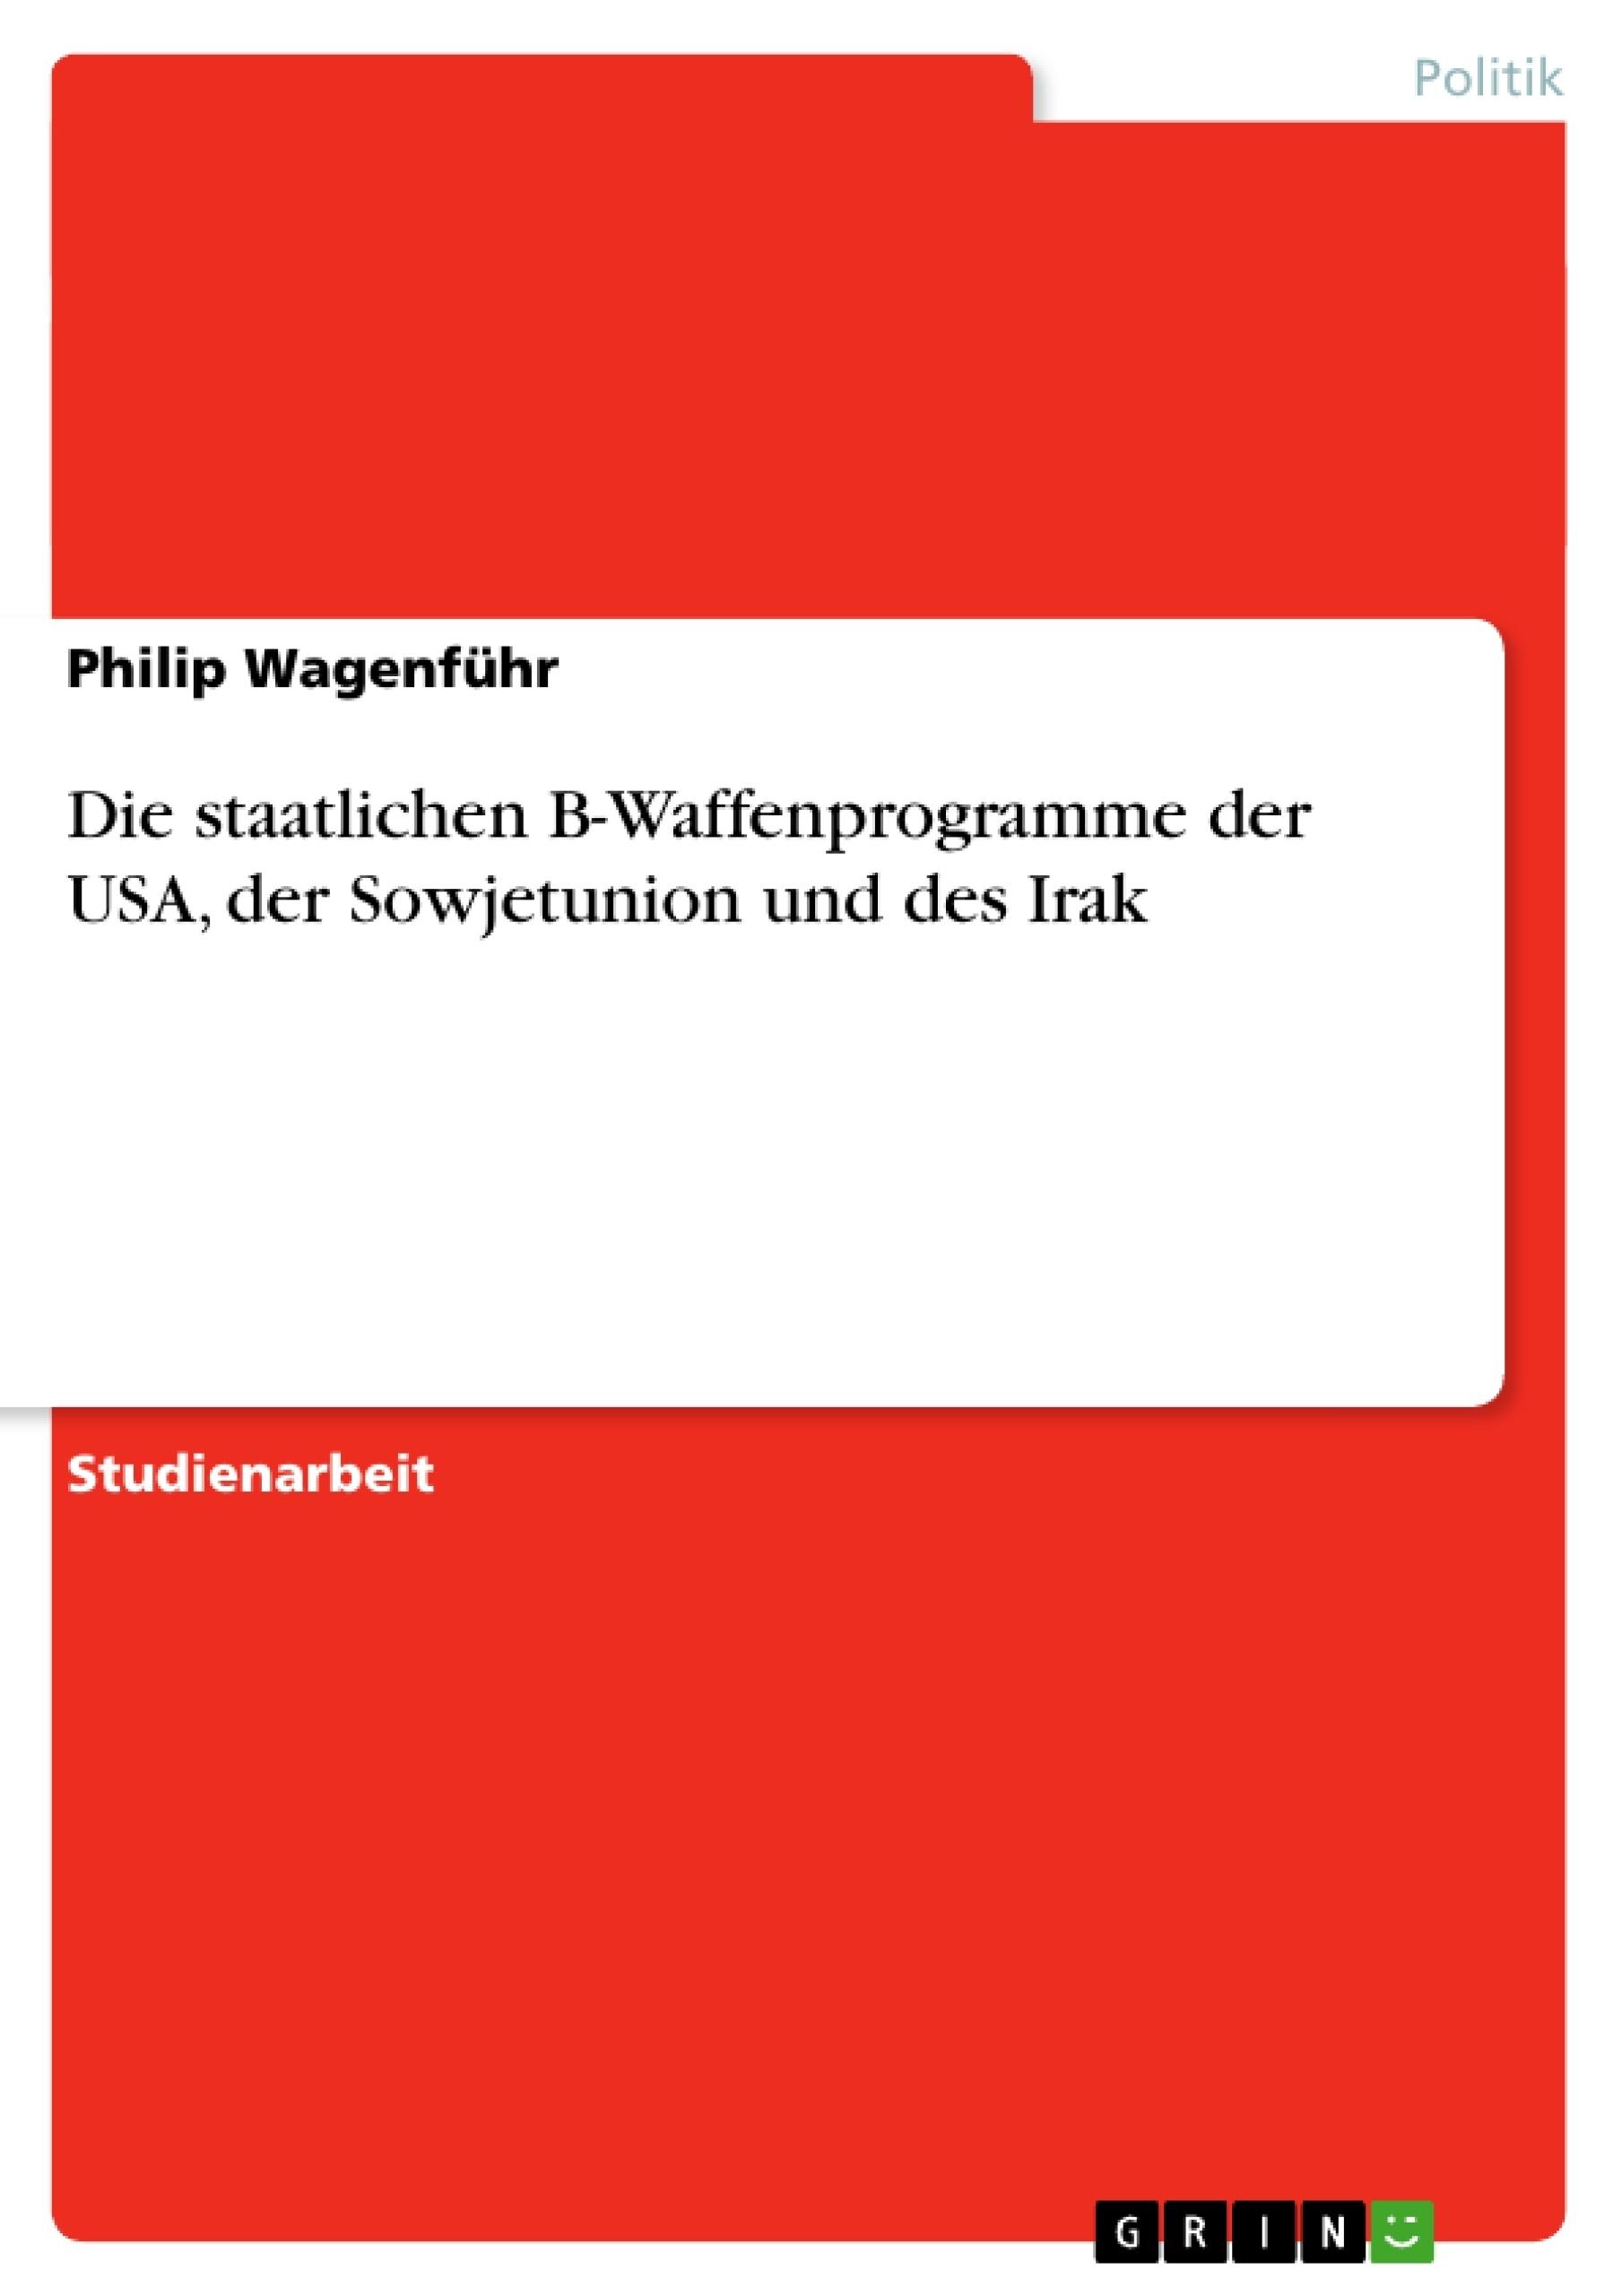 Titel: Die staatlichen B-Waffenprogramme der USA, der Sowjetunion und des Irak